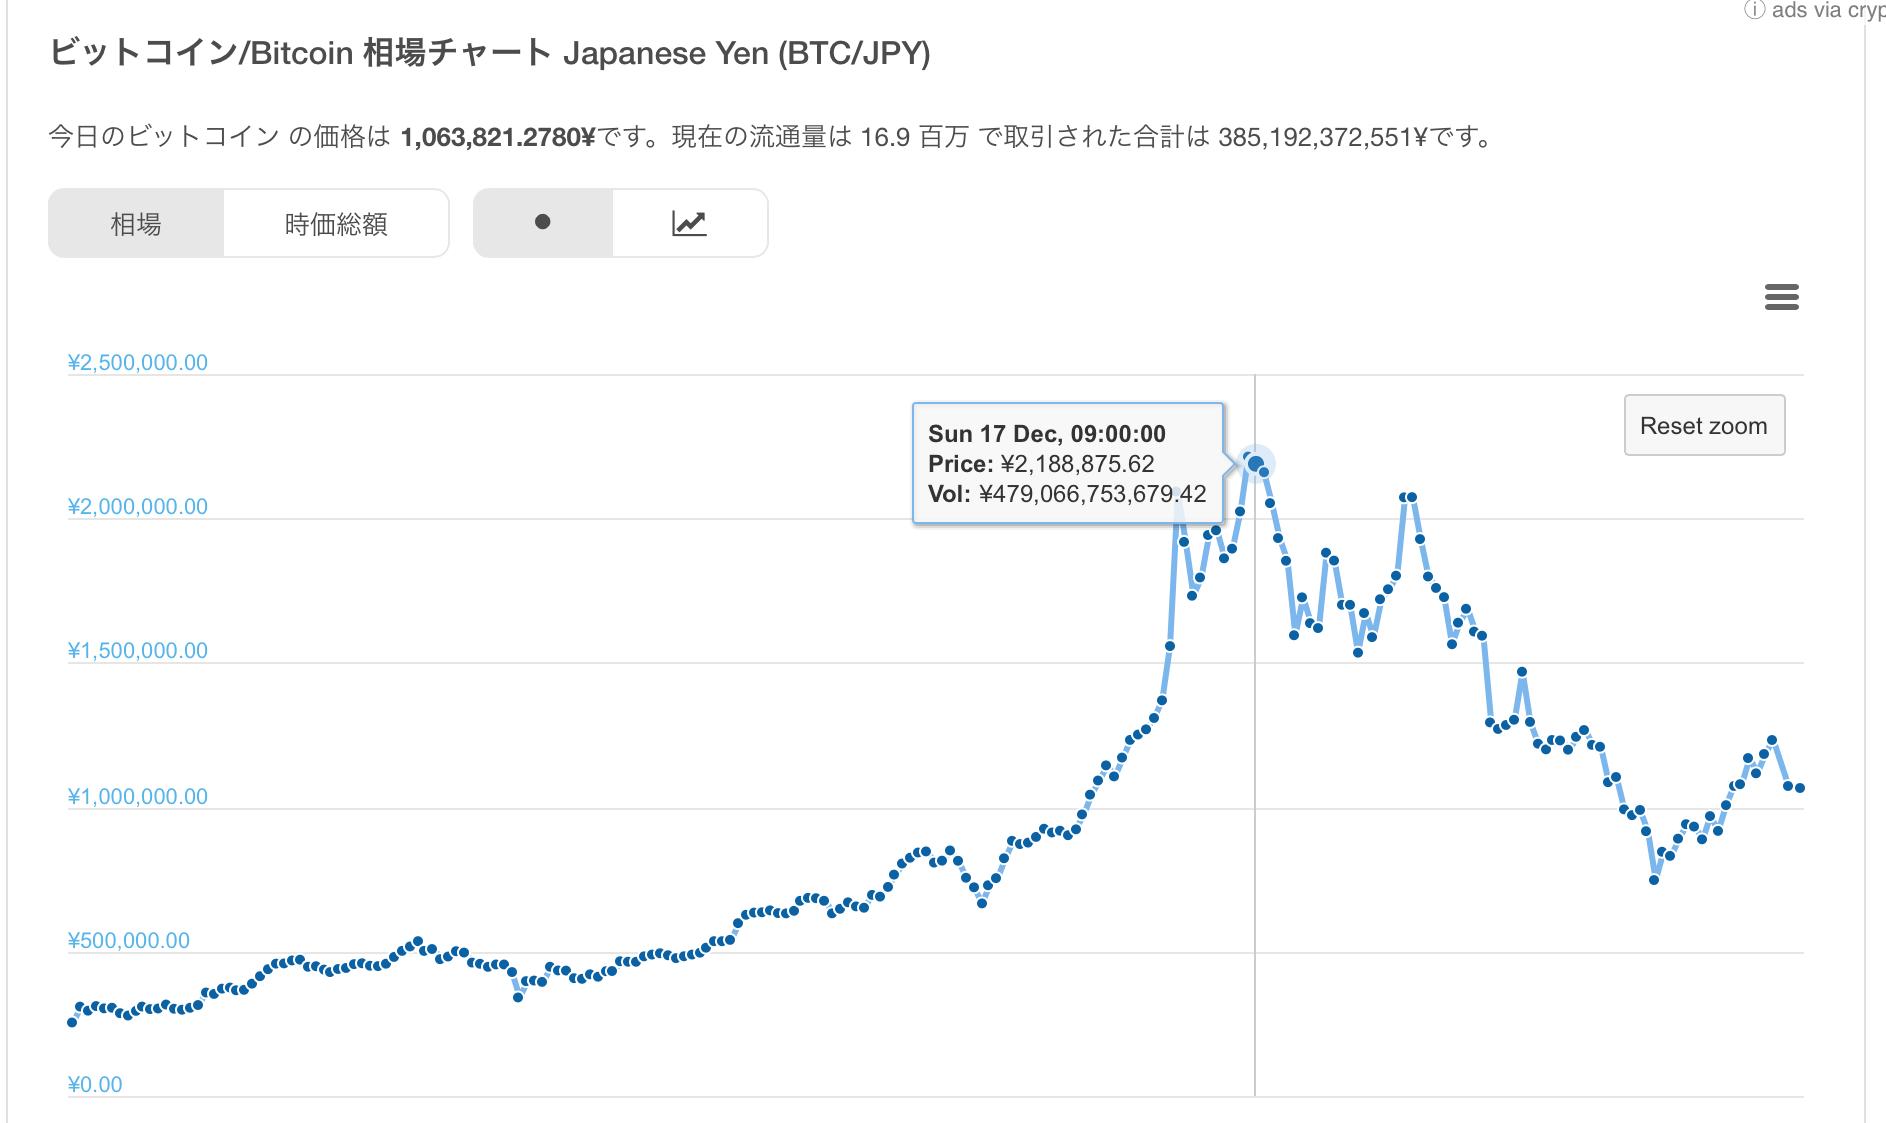 ビットコイン 長期的な動きのチャート